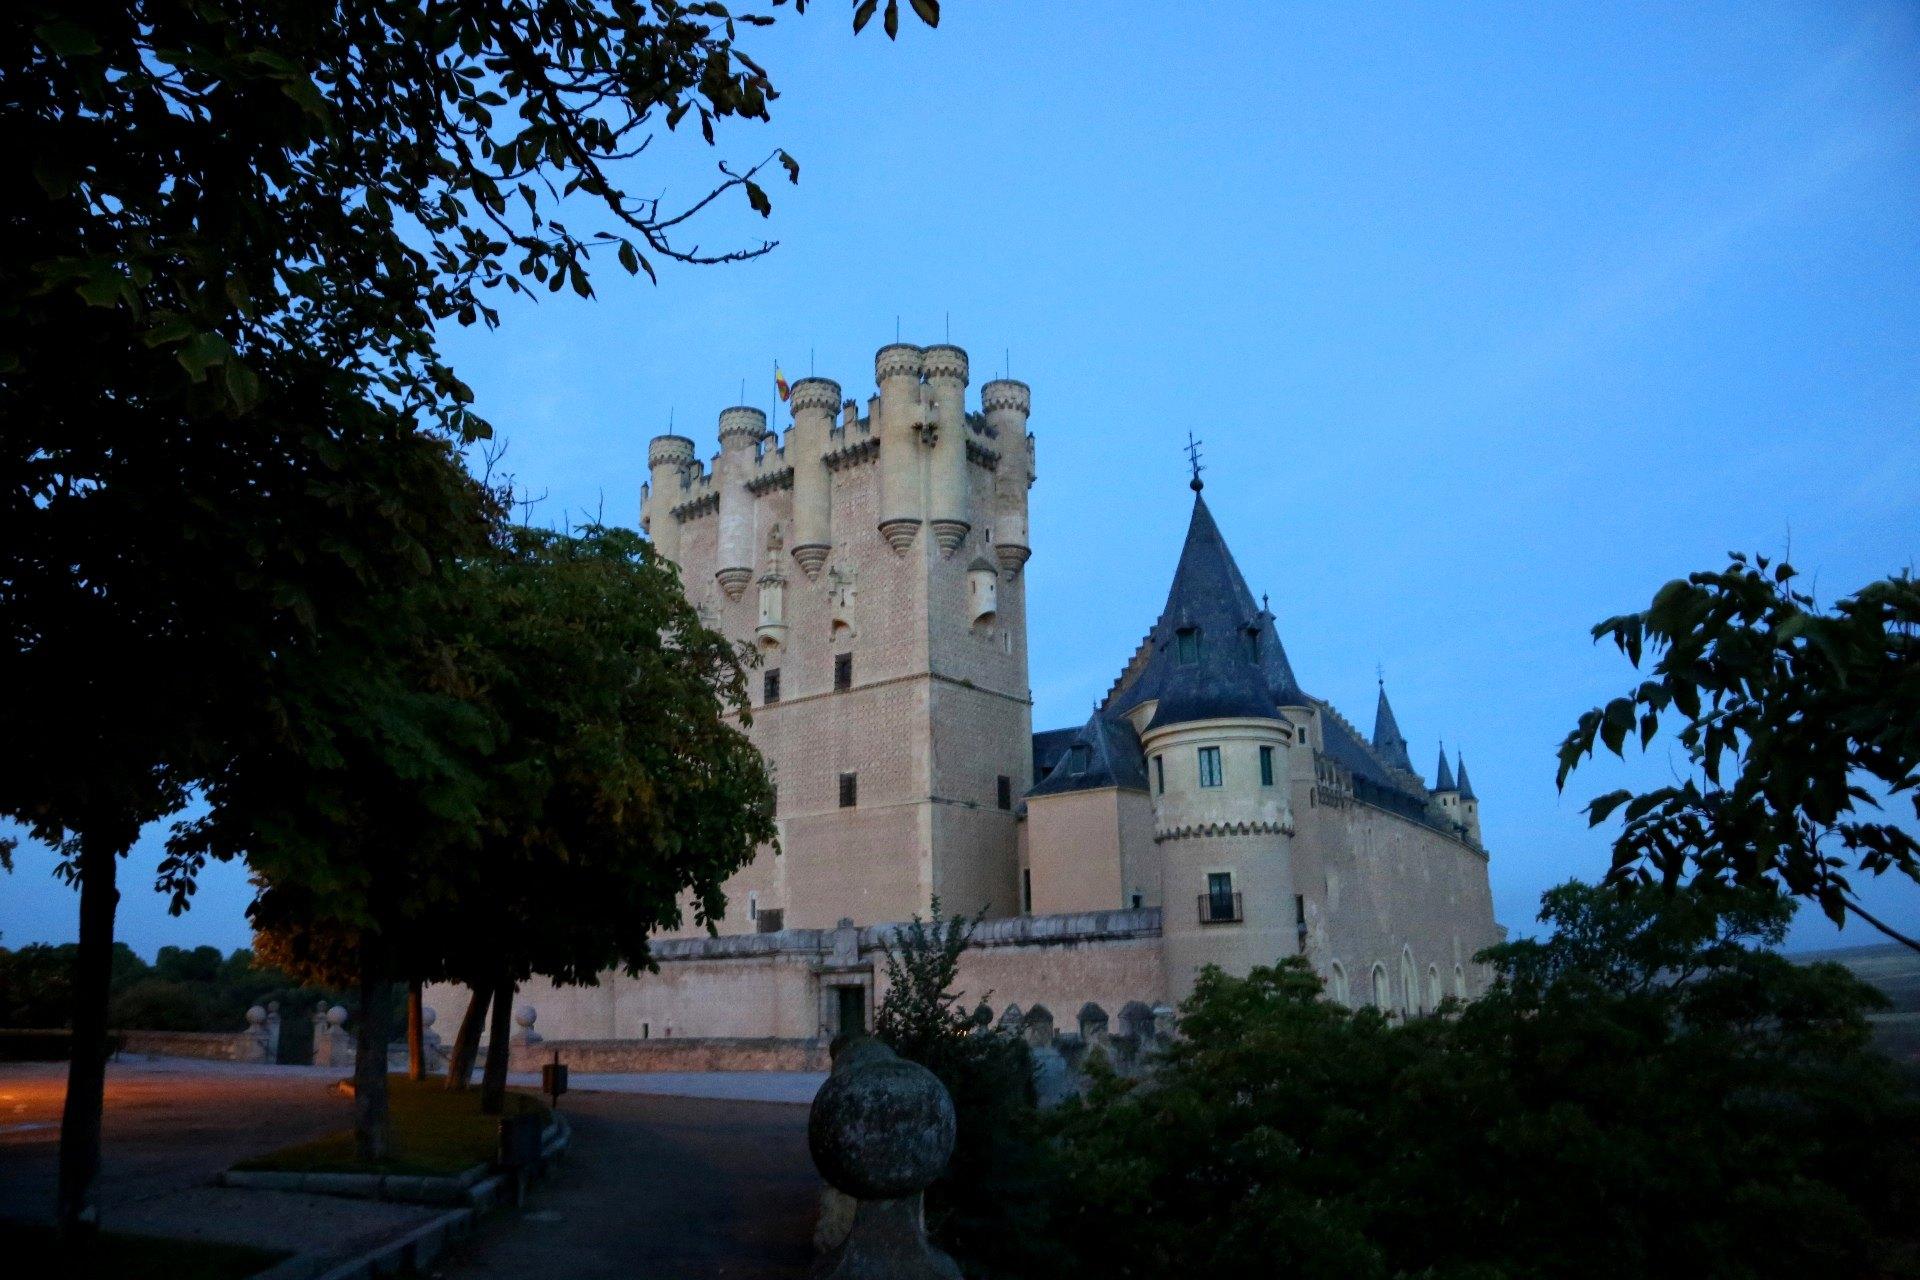 城堡内部:城堡历史厅,巡礼大院图片